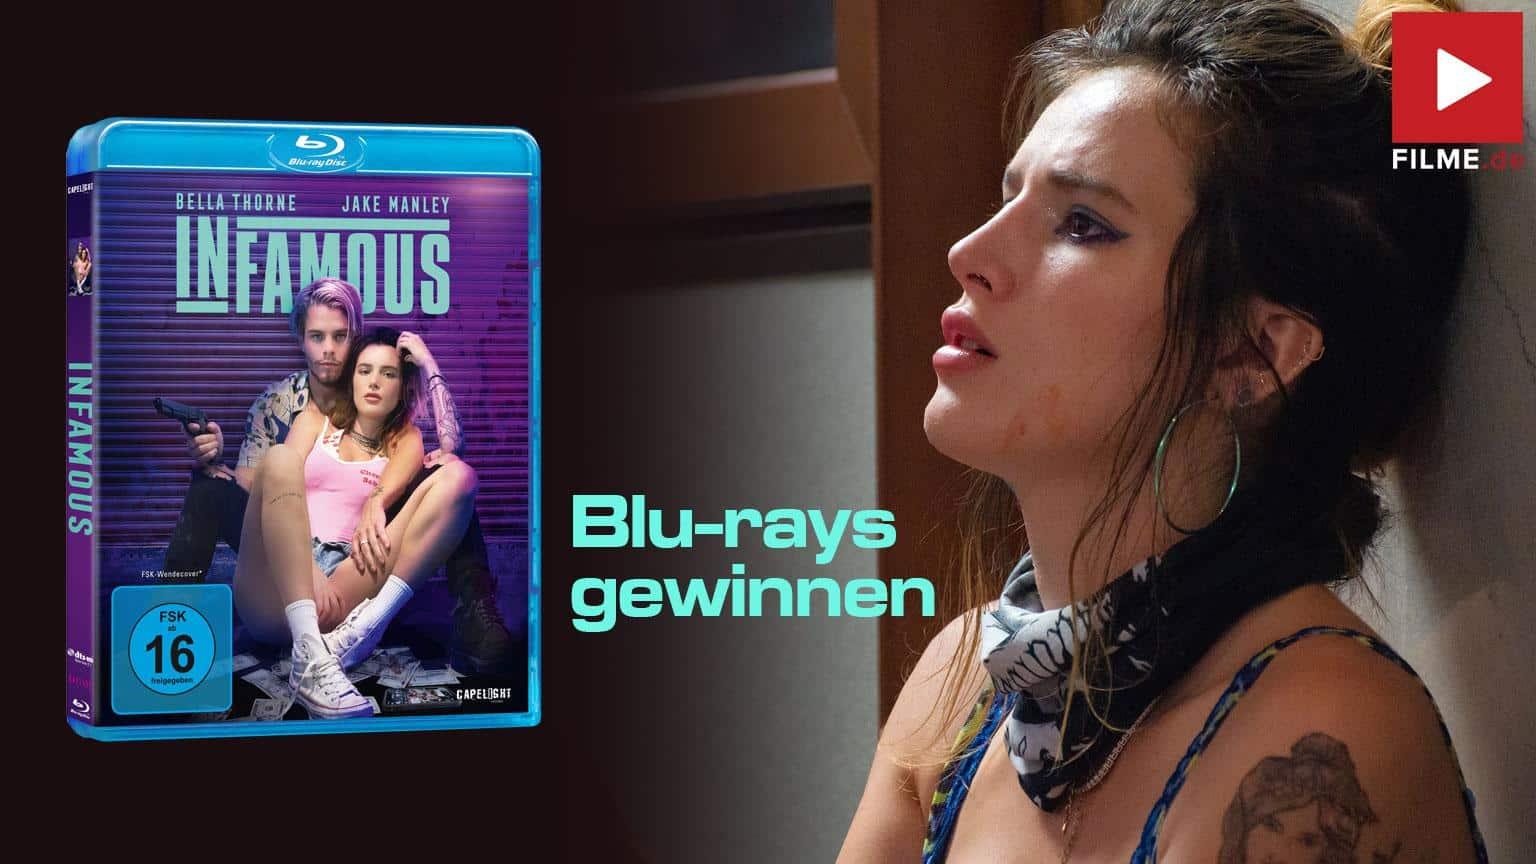 Infamous Film 2021 Blu-ray DVD shop kaufen gewinnspiel gewinnen Artikelbild